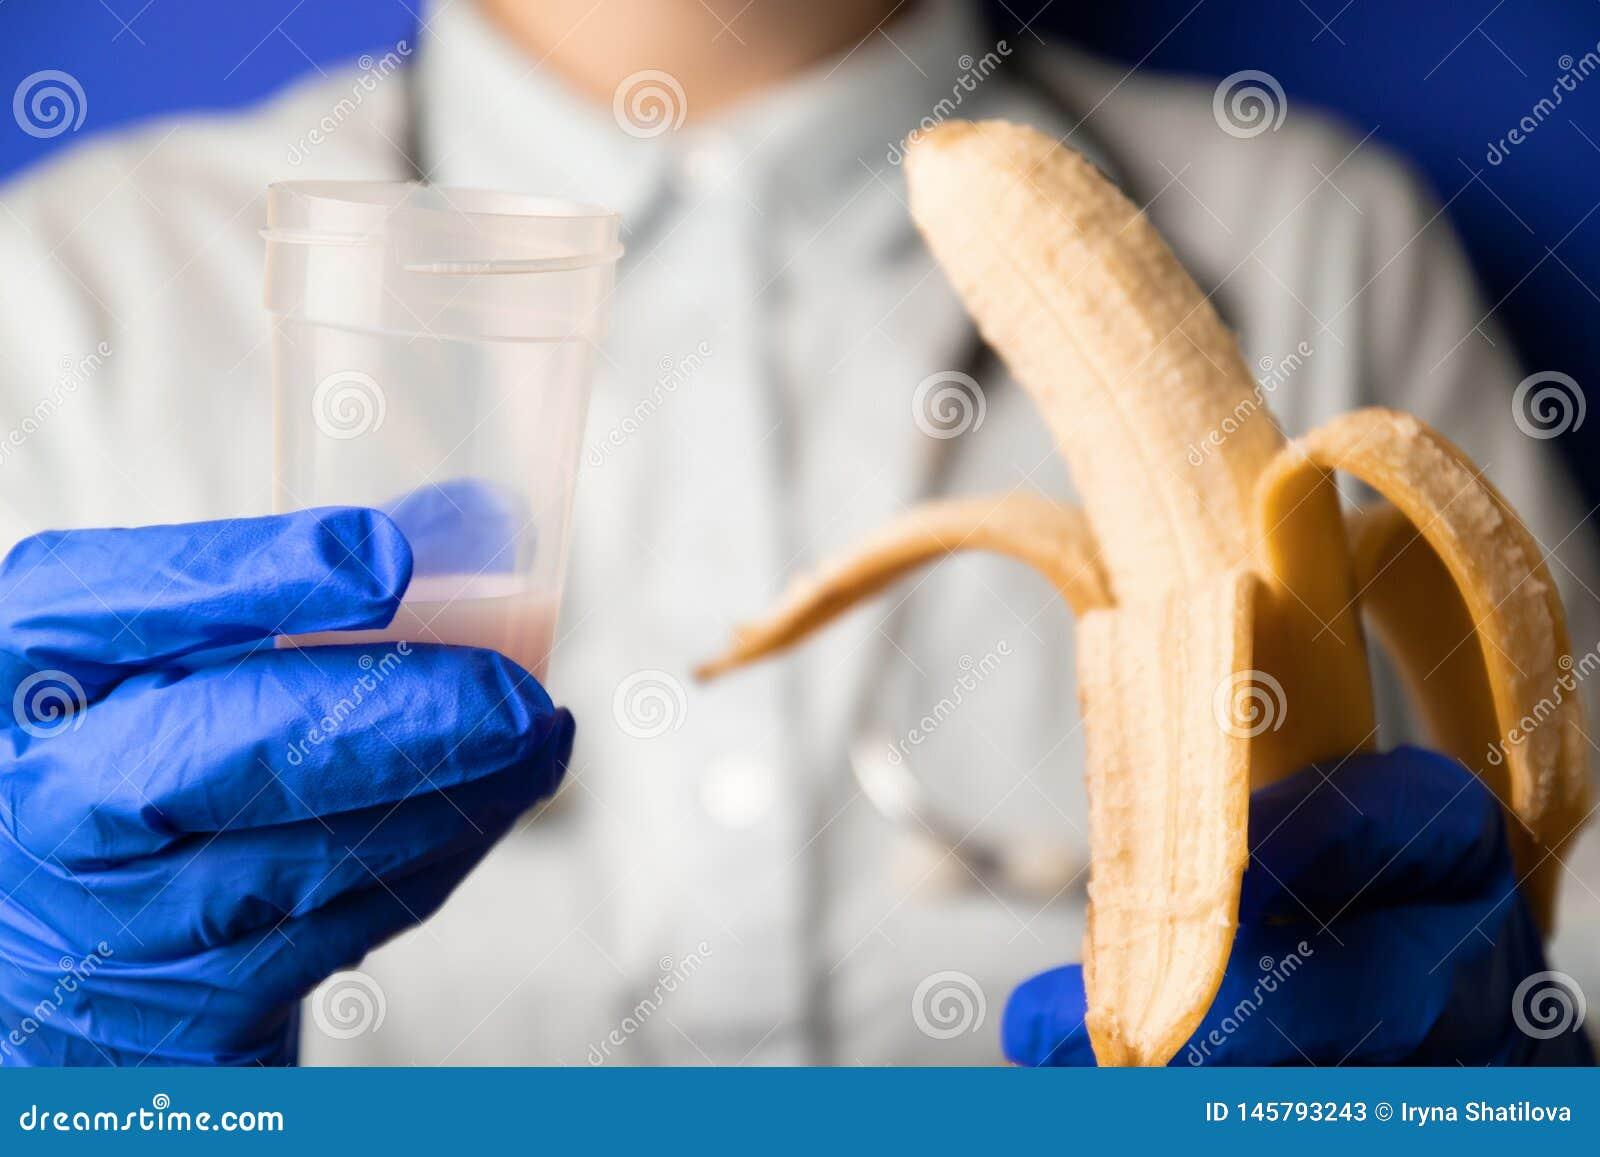 ?? ?? 精液分析 银行精液的概念